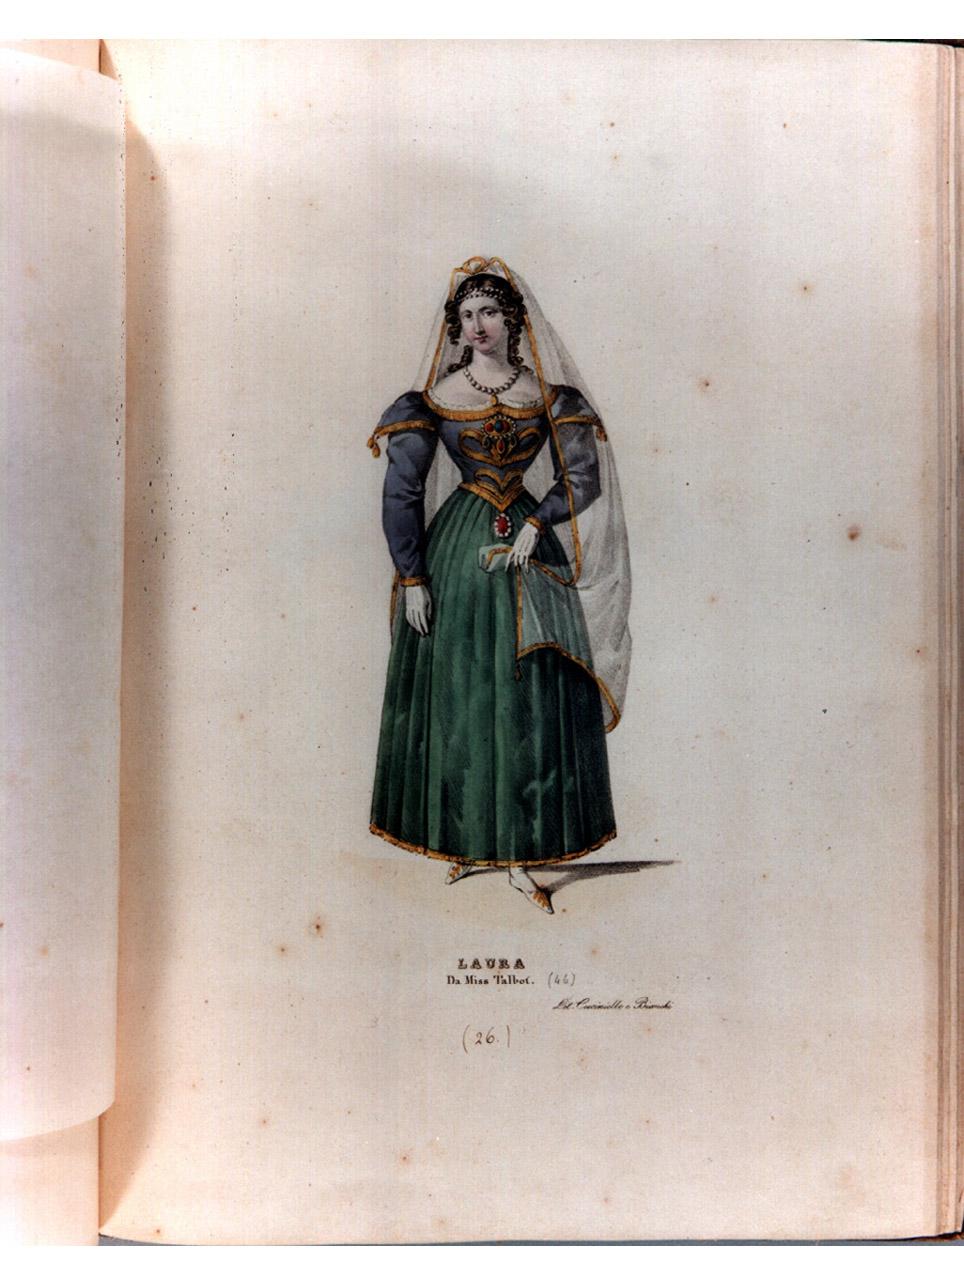 figura femminile in costume (stampa a colori, serie) di Morghen Luigi, Cuciniello Domenico, Bianchi Lorenzo (sec. XIX)